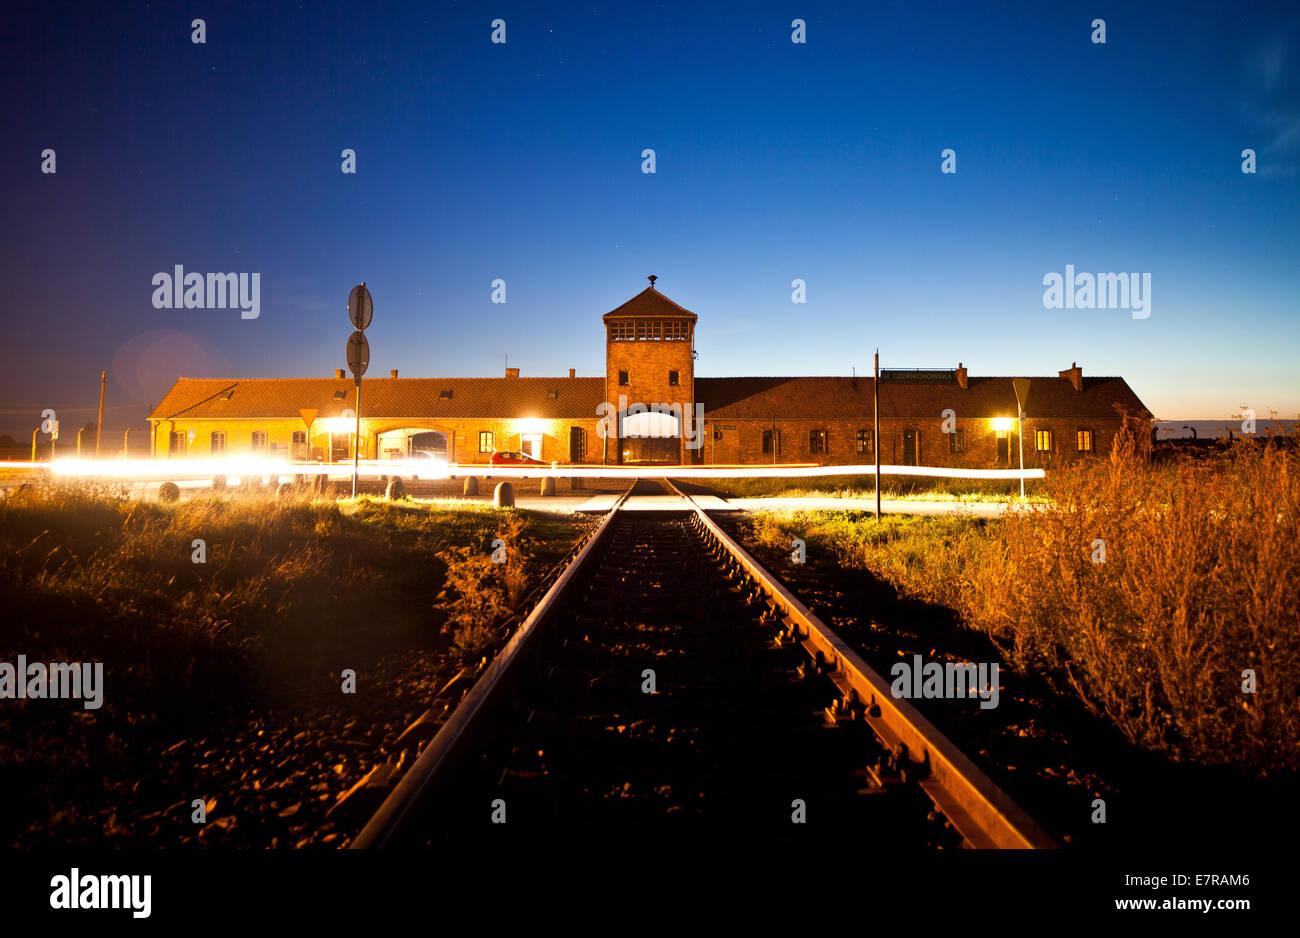 La porte d'entrée de l'ancien camp de concentration Auschwitz-Birkenau comme vu à Oswiecim, Pologne, Photo Stock